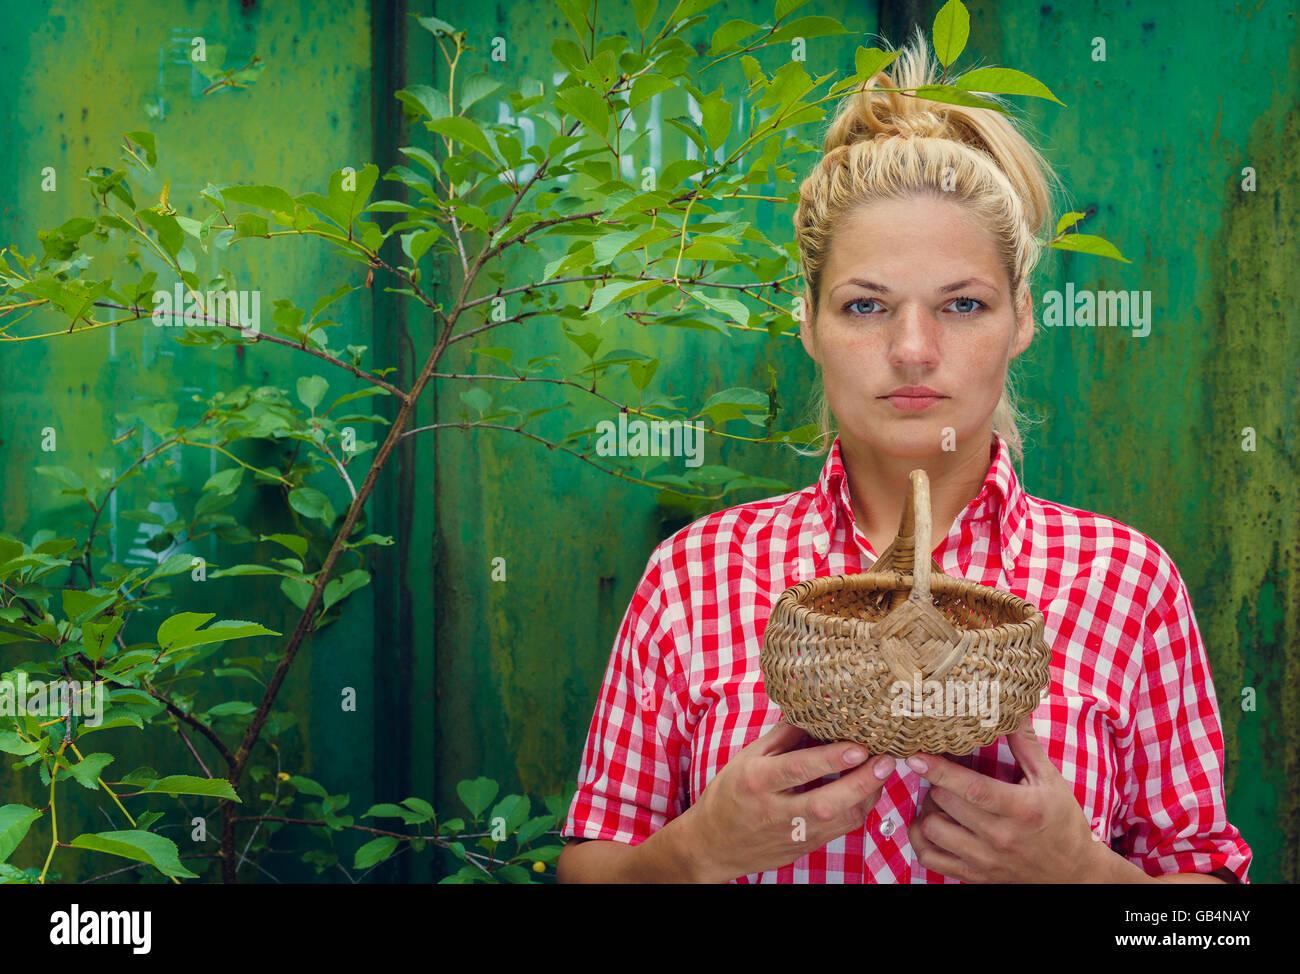 b2d3ee7f7c2055 Blonde Mädchen auf einem grünen Hintergrund hält einen Korb. Rockabilly-Style.  Platz für